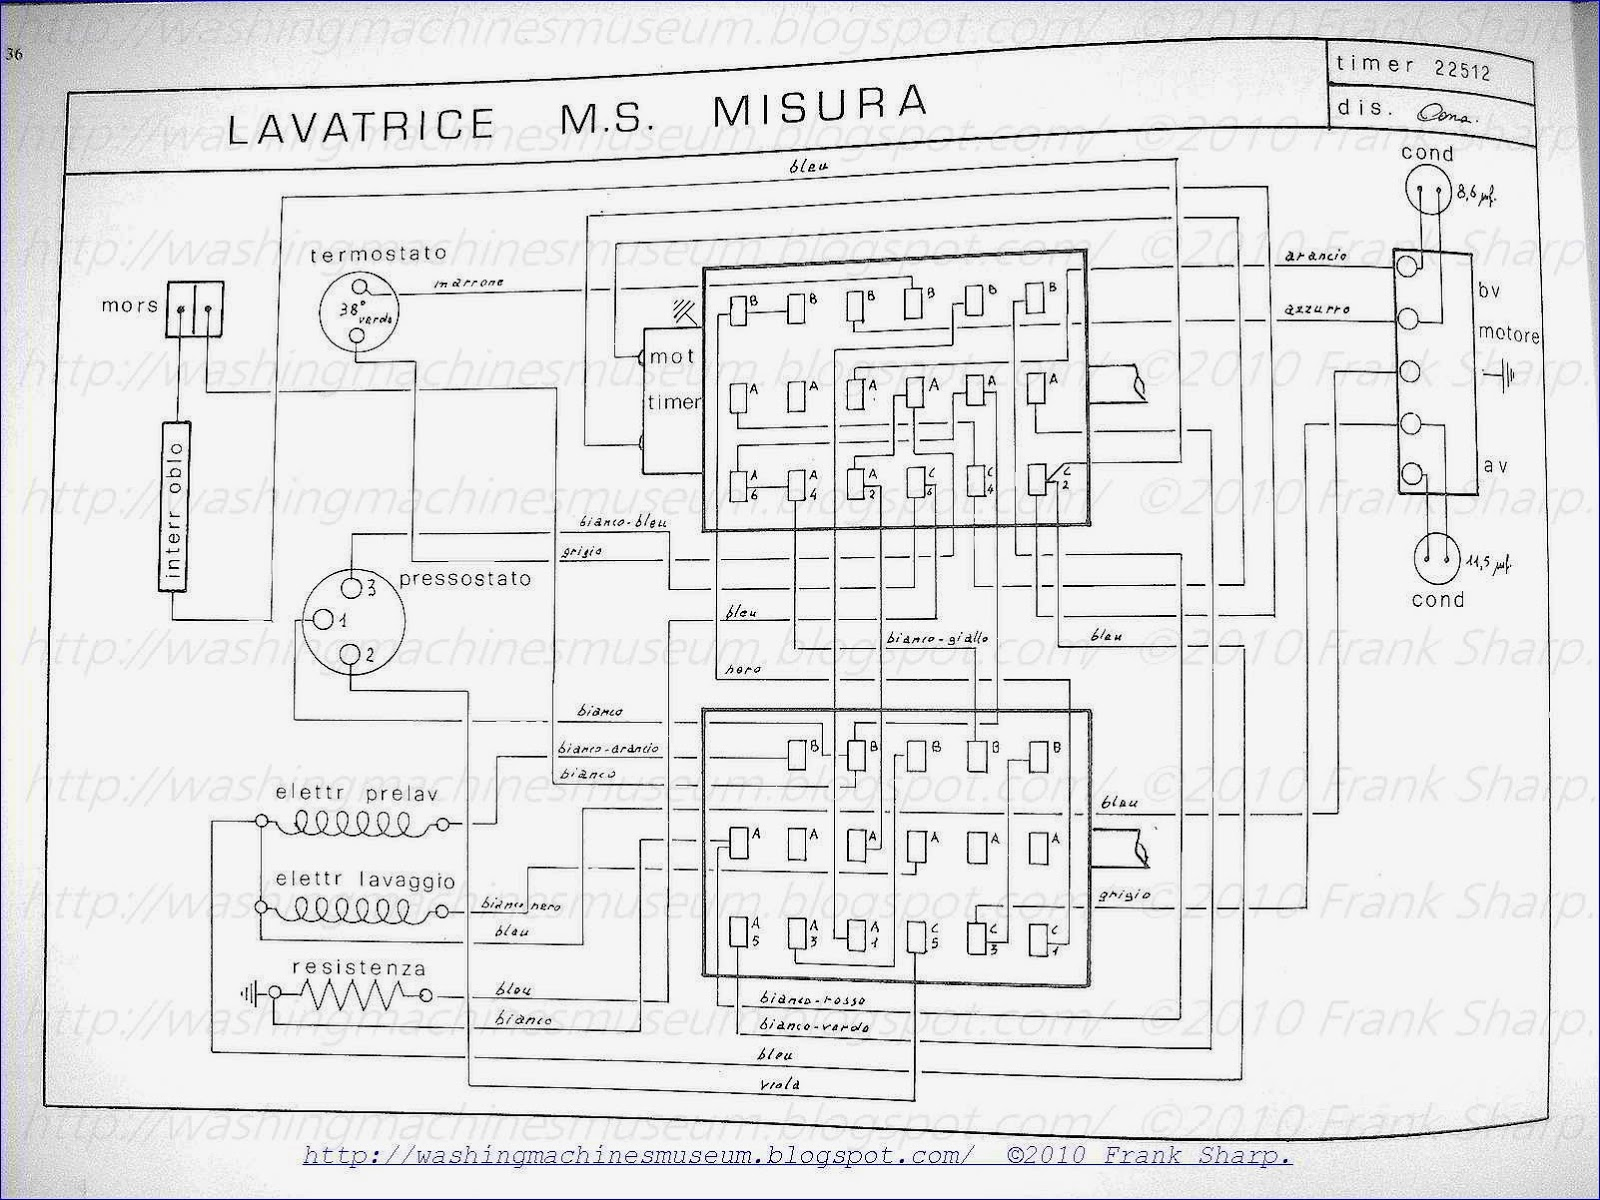 sharp washing machine diagram